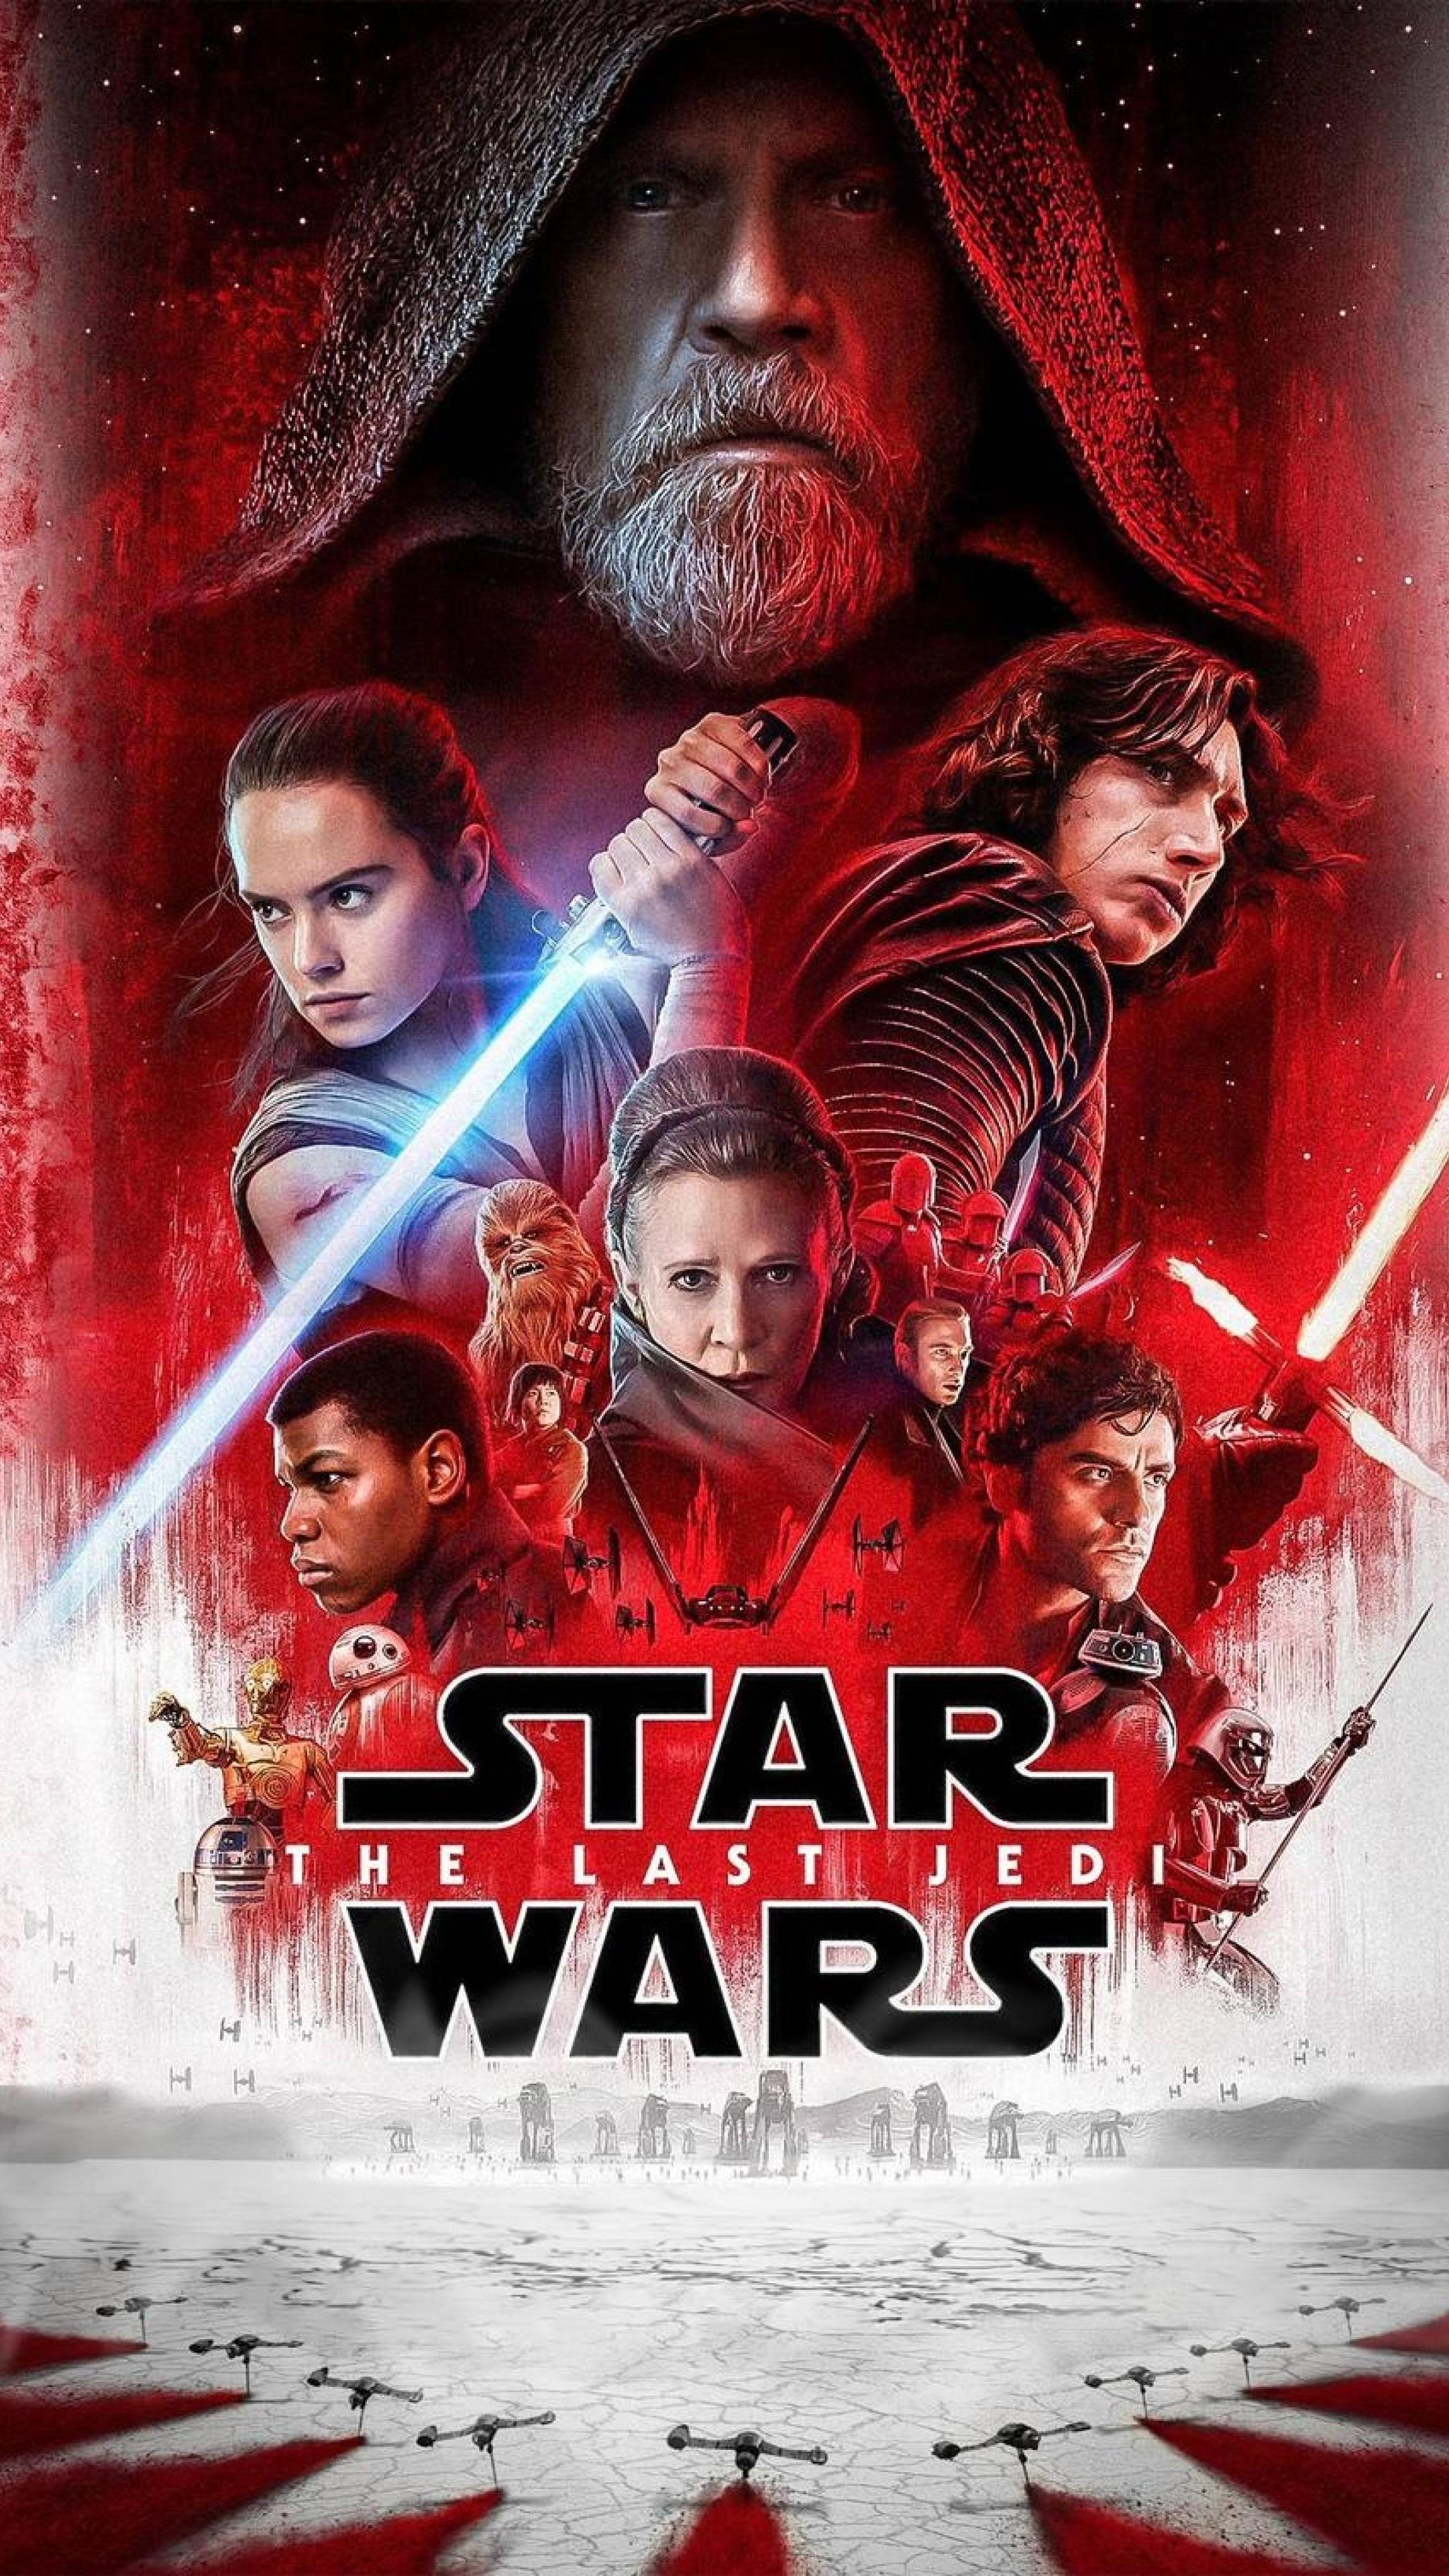 Star wars 8 the last jedi 2017 full hd 2k wallpaper - Jedi wallpaper ...